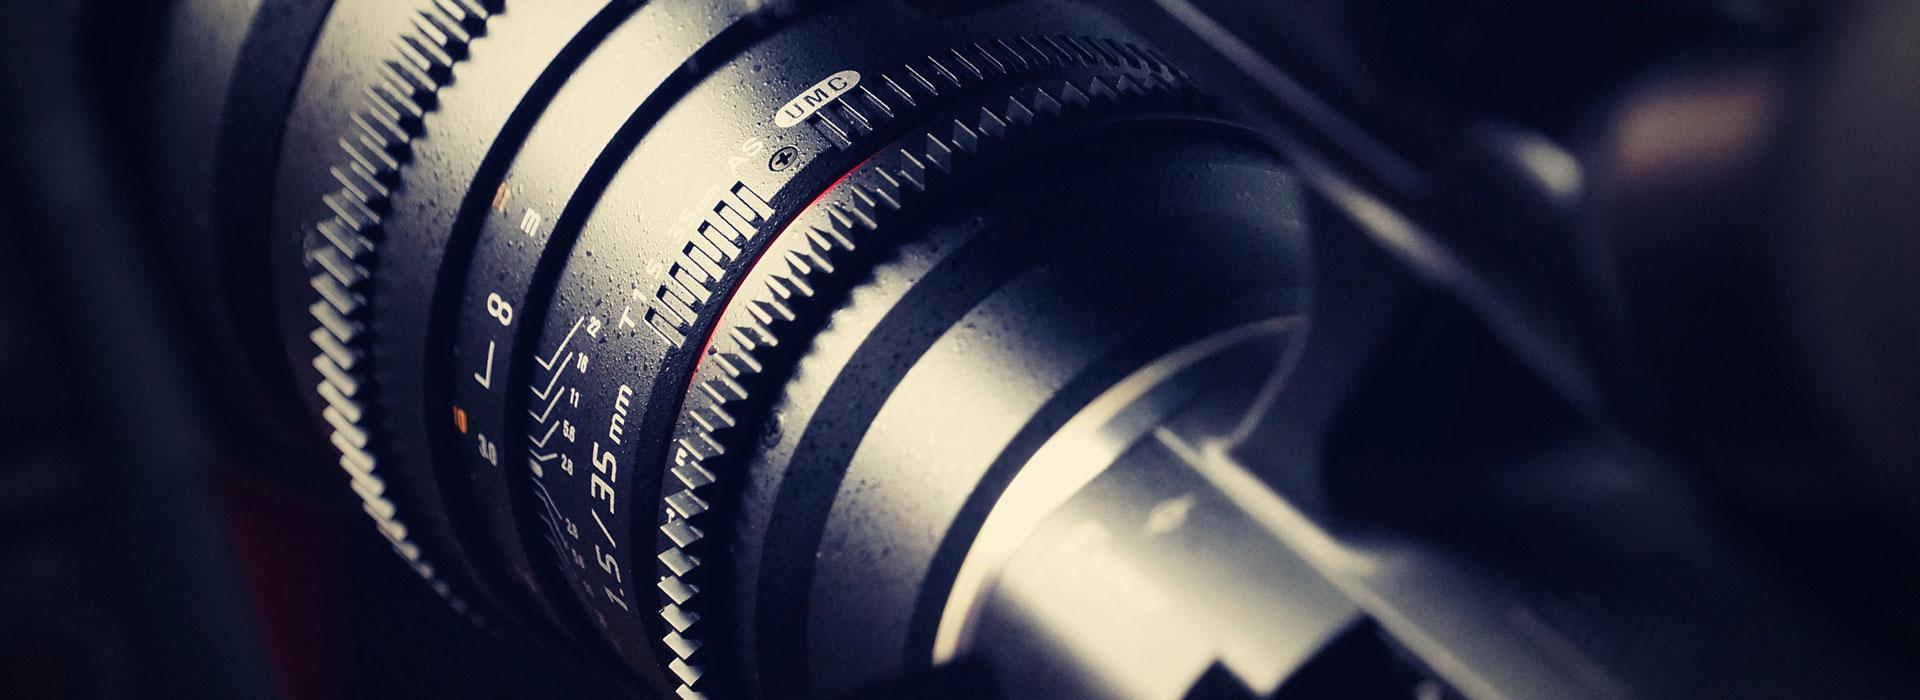 science_tv_filmproduktionen_nachrichten_online_tv